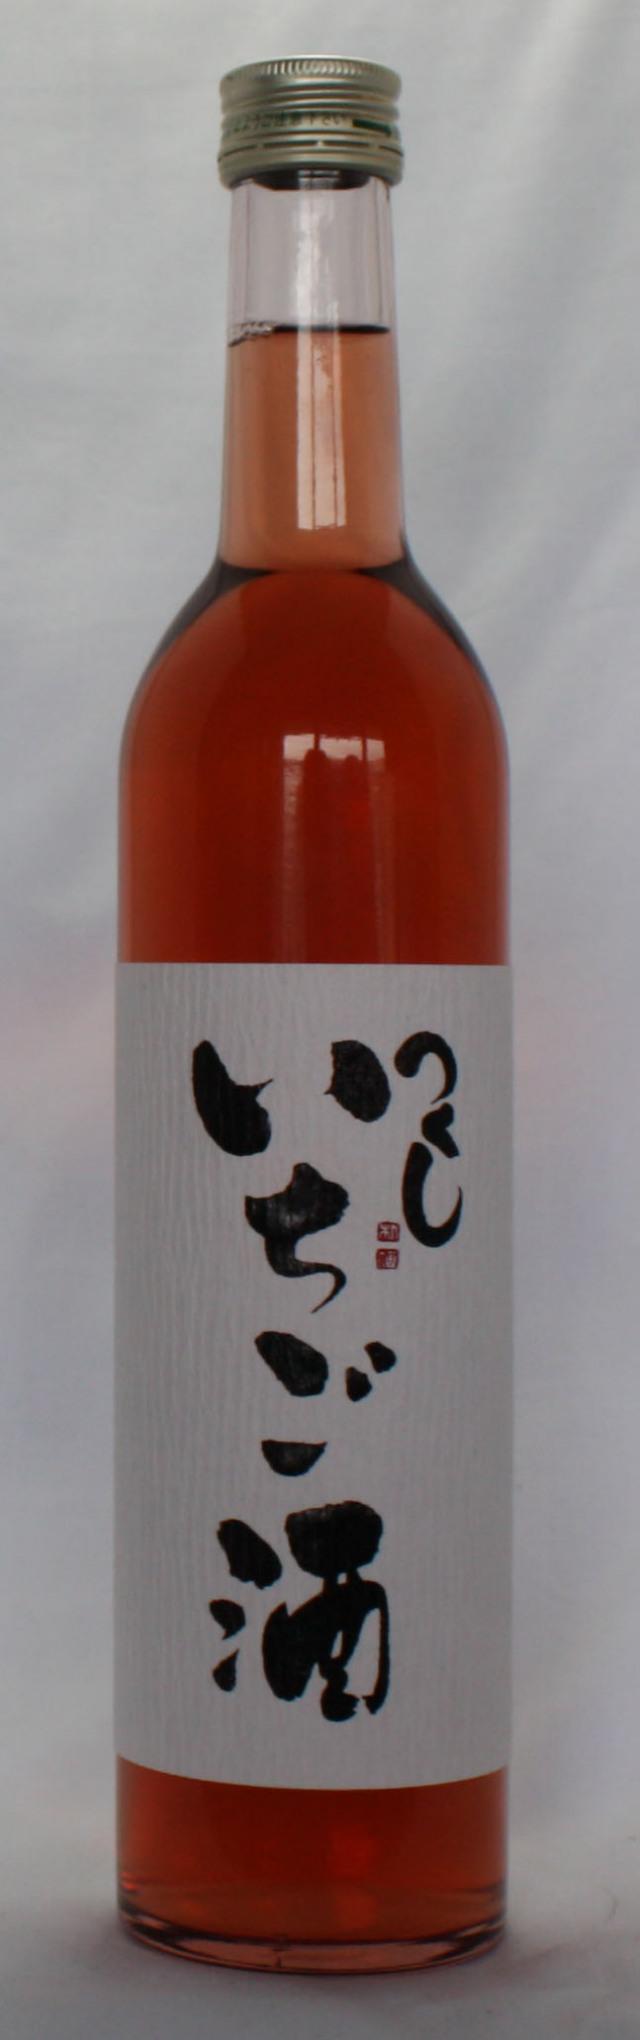 いちご酒 500ml